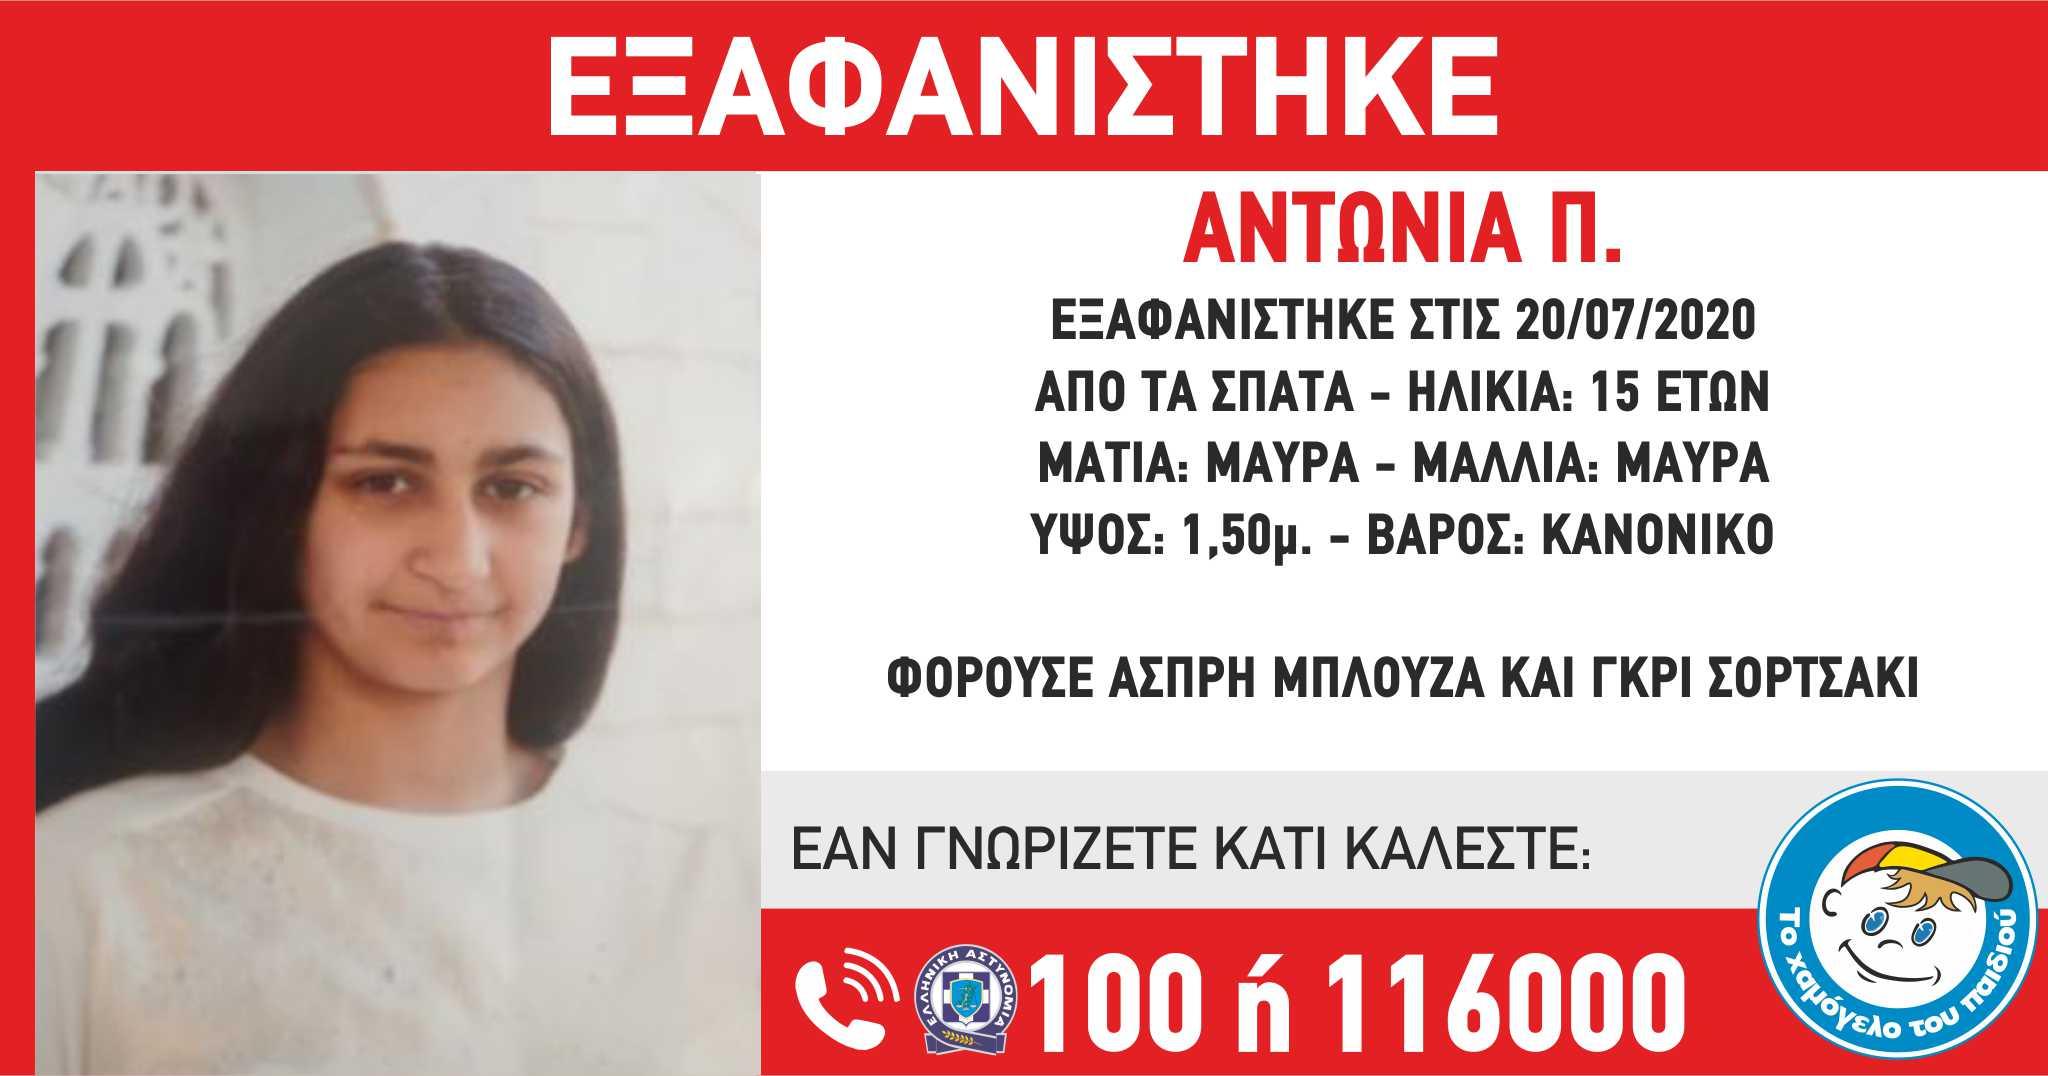 Θρίλερ στα Σπάτα: Εξαφανίστηκε η 15χρονη Αντωνία Π.